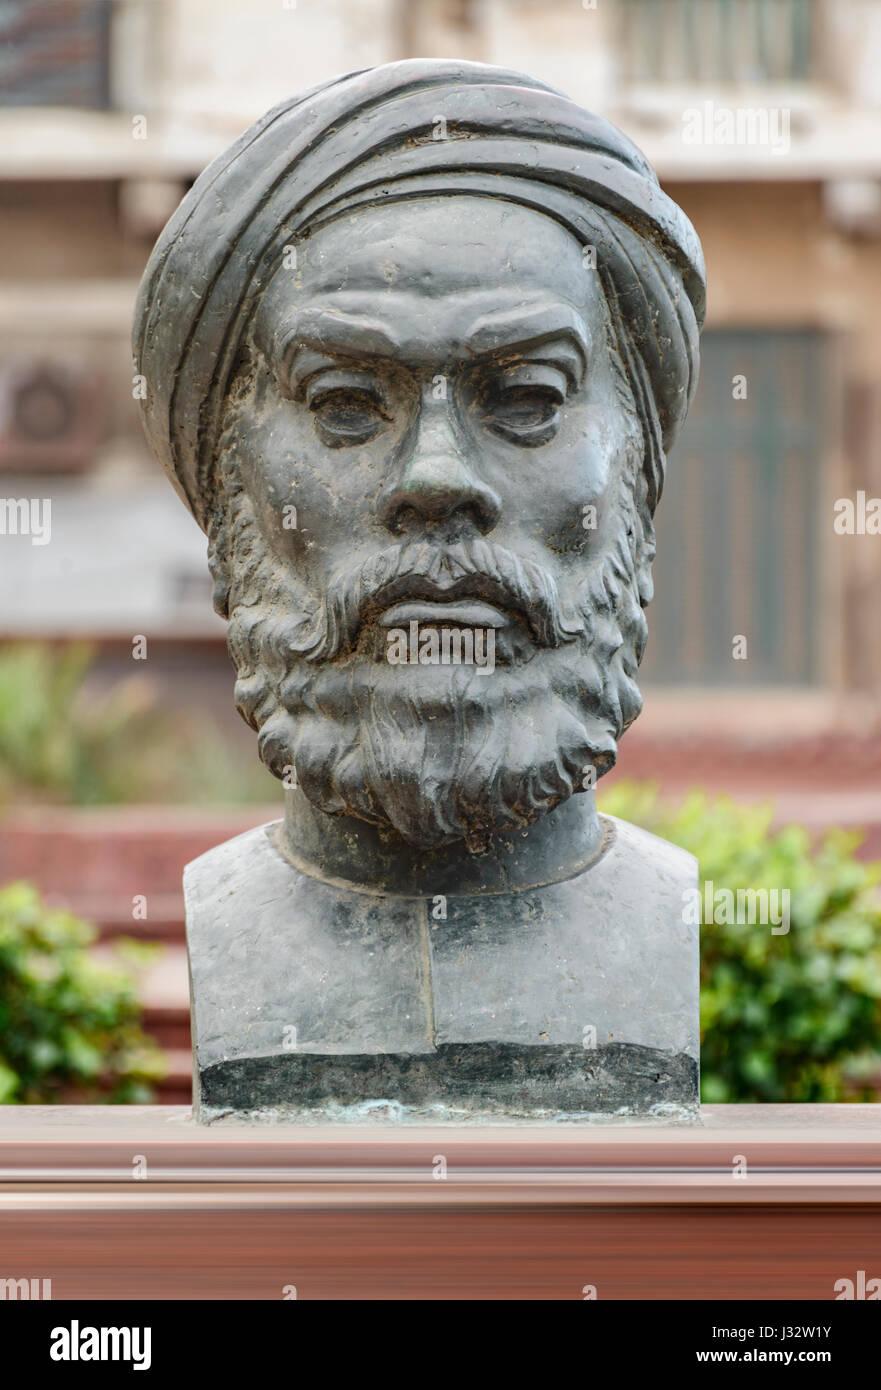 Historical Statue of Egyptian Revolution Speaker Abdullah Al Nadeem - Stock Image